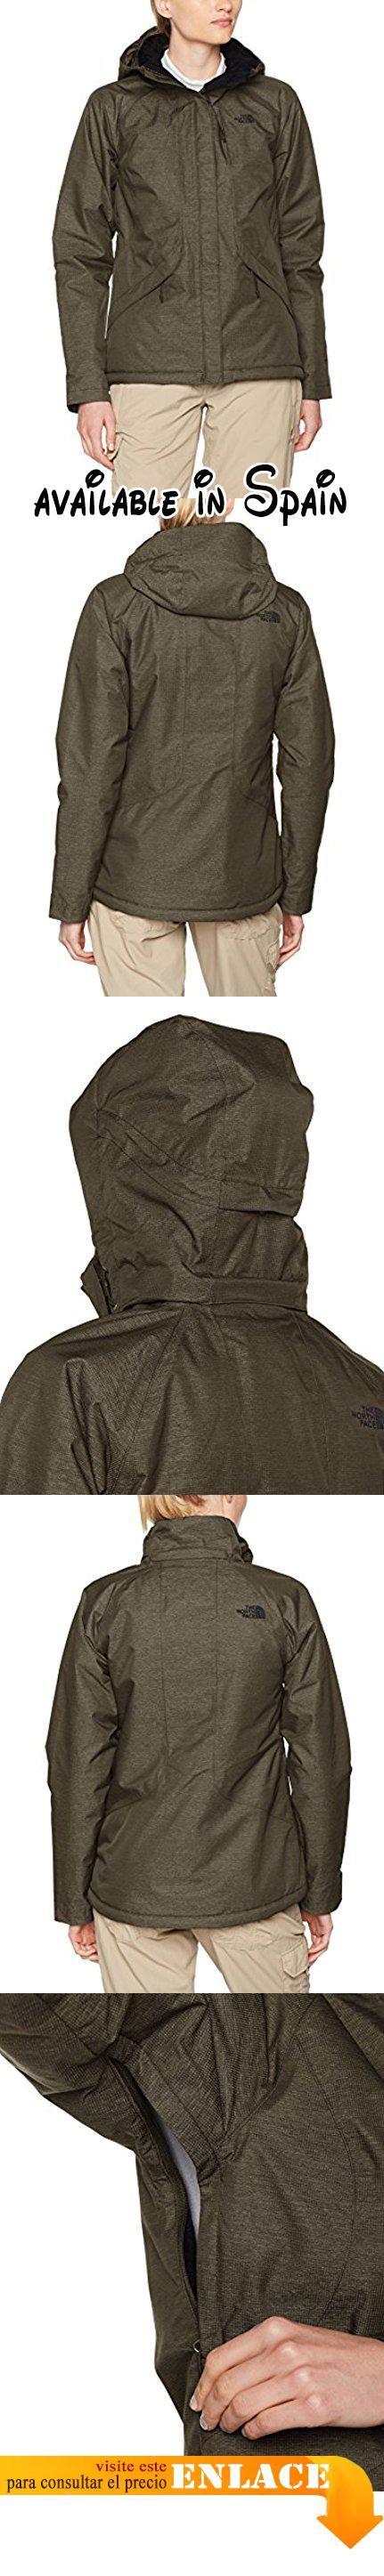 B073XY81QF : The North Face W Inlux Insulated Jacket Chaqueta Mujer New Taupe Green L. Tejido DryVent de doble capa impermeable transpirable y con costuras selladas con aislamiento PrimaLoft de 100 g en cuerpo y capucha y de 60 g en las mangas. Forro polar raschel en cuello y cuerpo; forro polar Sherpa en cambray de color azul. Capucha desmontable totalmente ajustable. Capucha con ribete desmontable y parte interna de forro polar para mayor protección. Solapa de protección